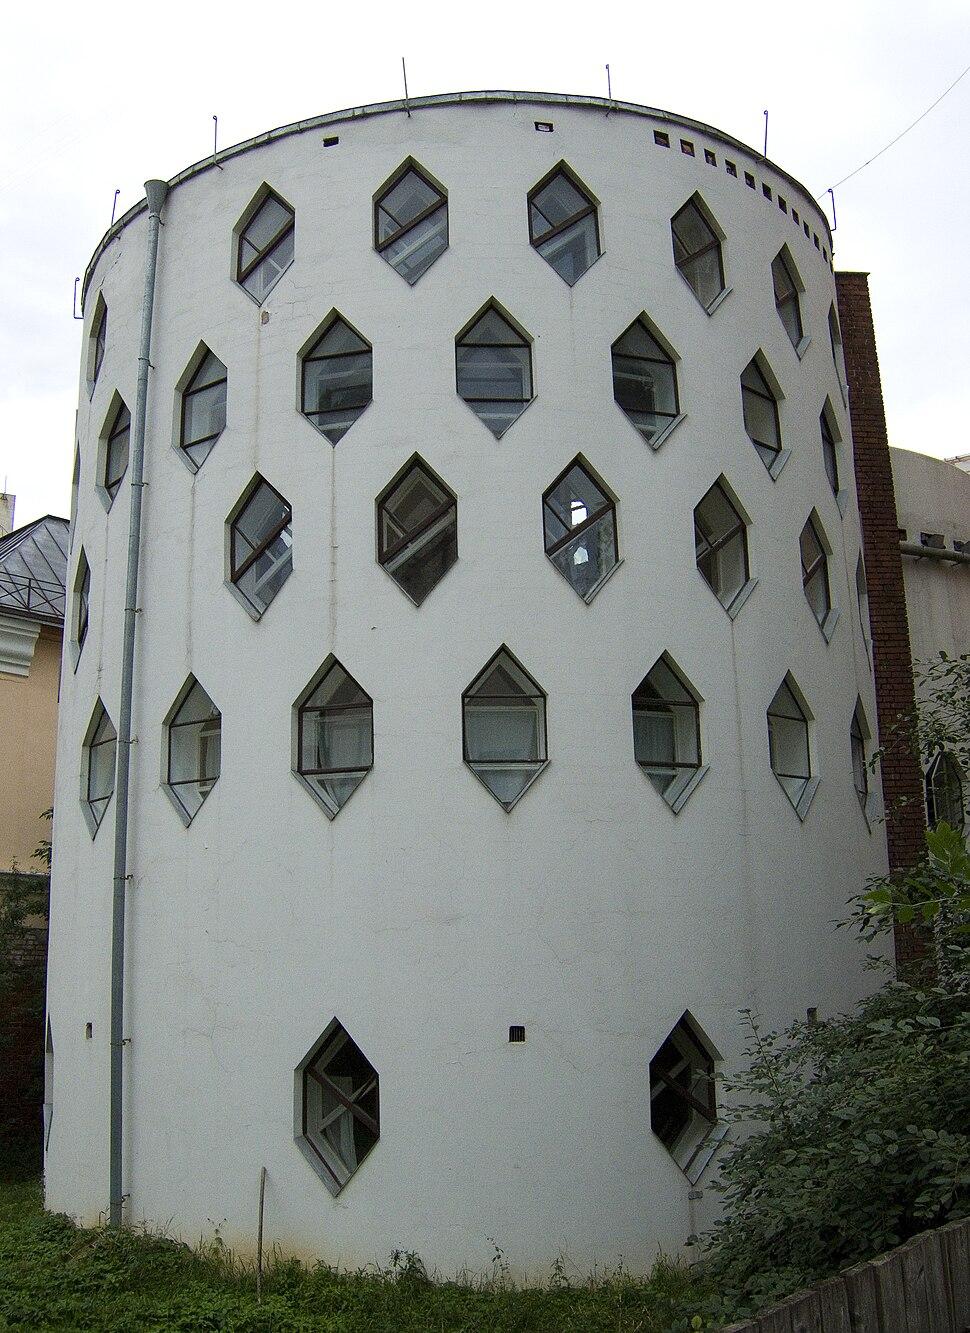 Melnikov House photo by Arssenev